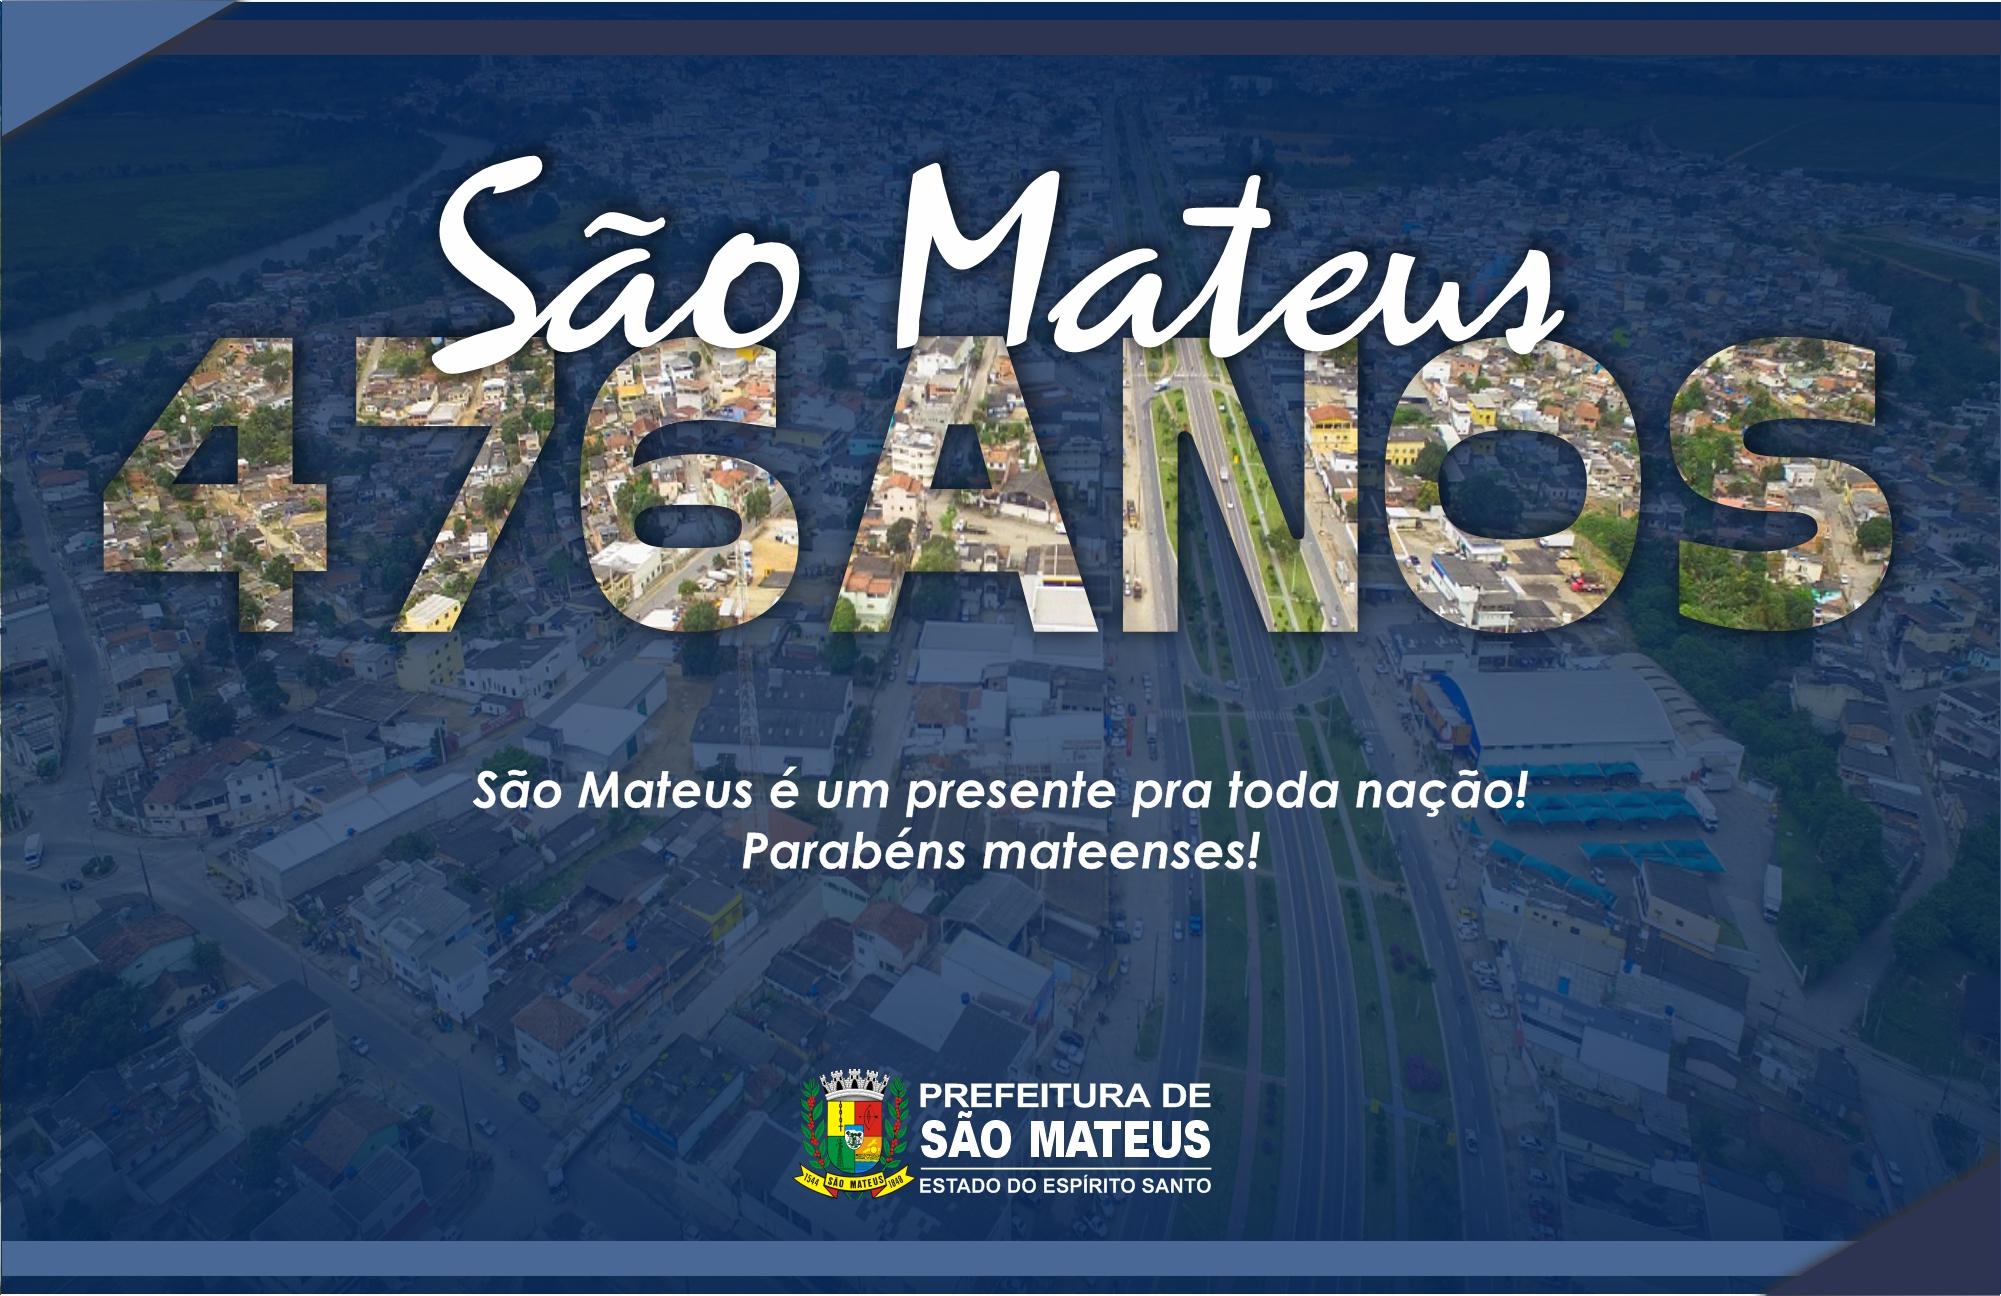 SÃO MATEUS 476 ANOS